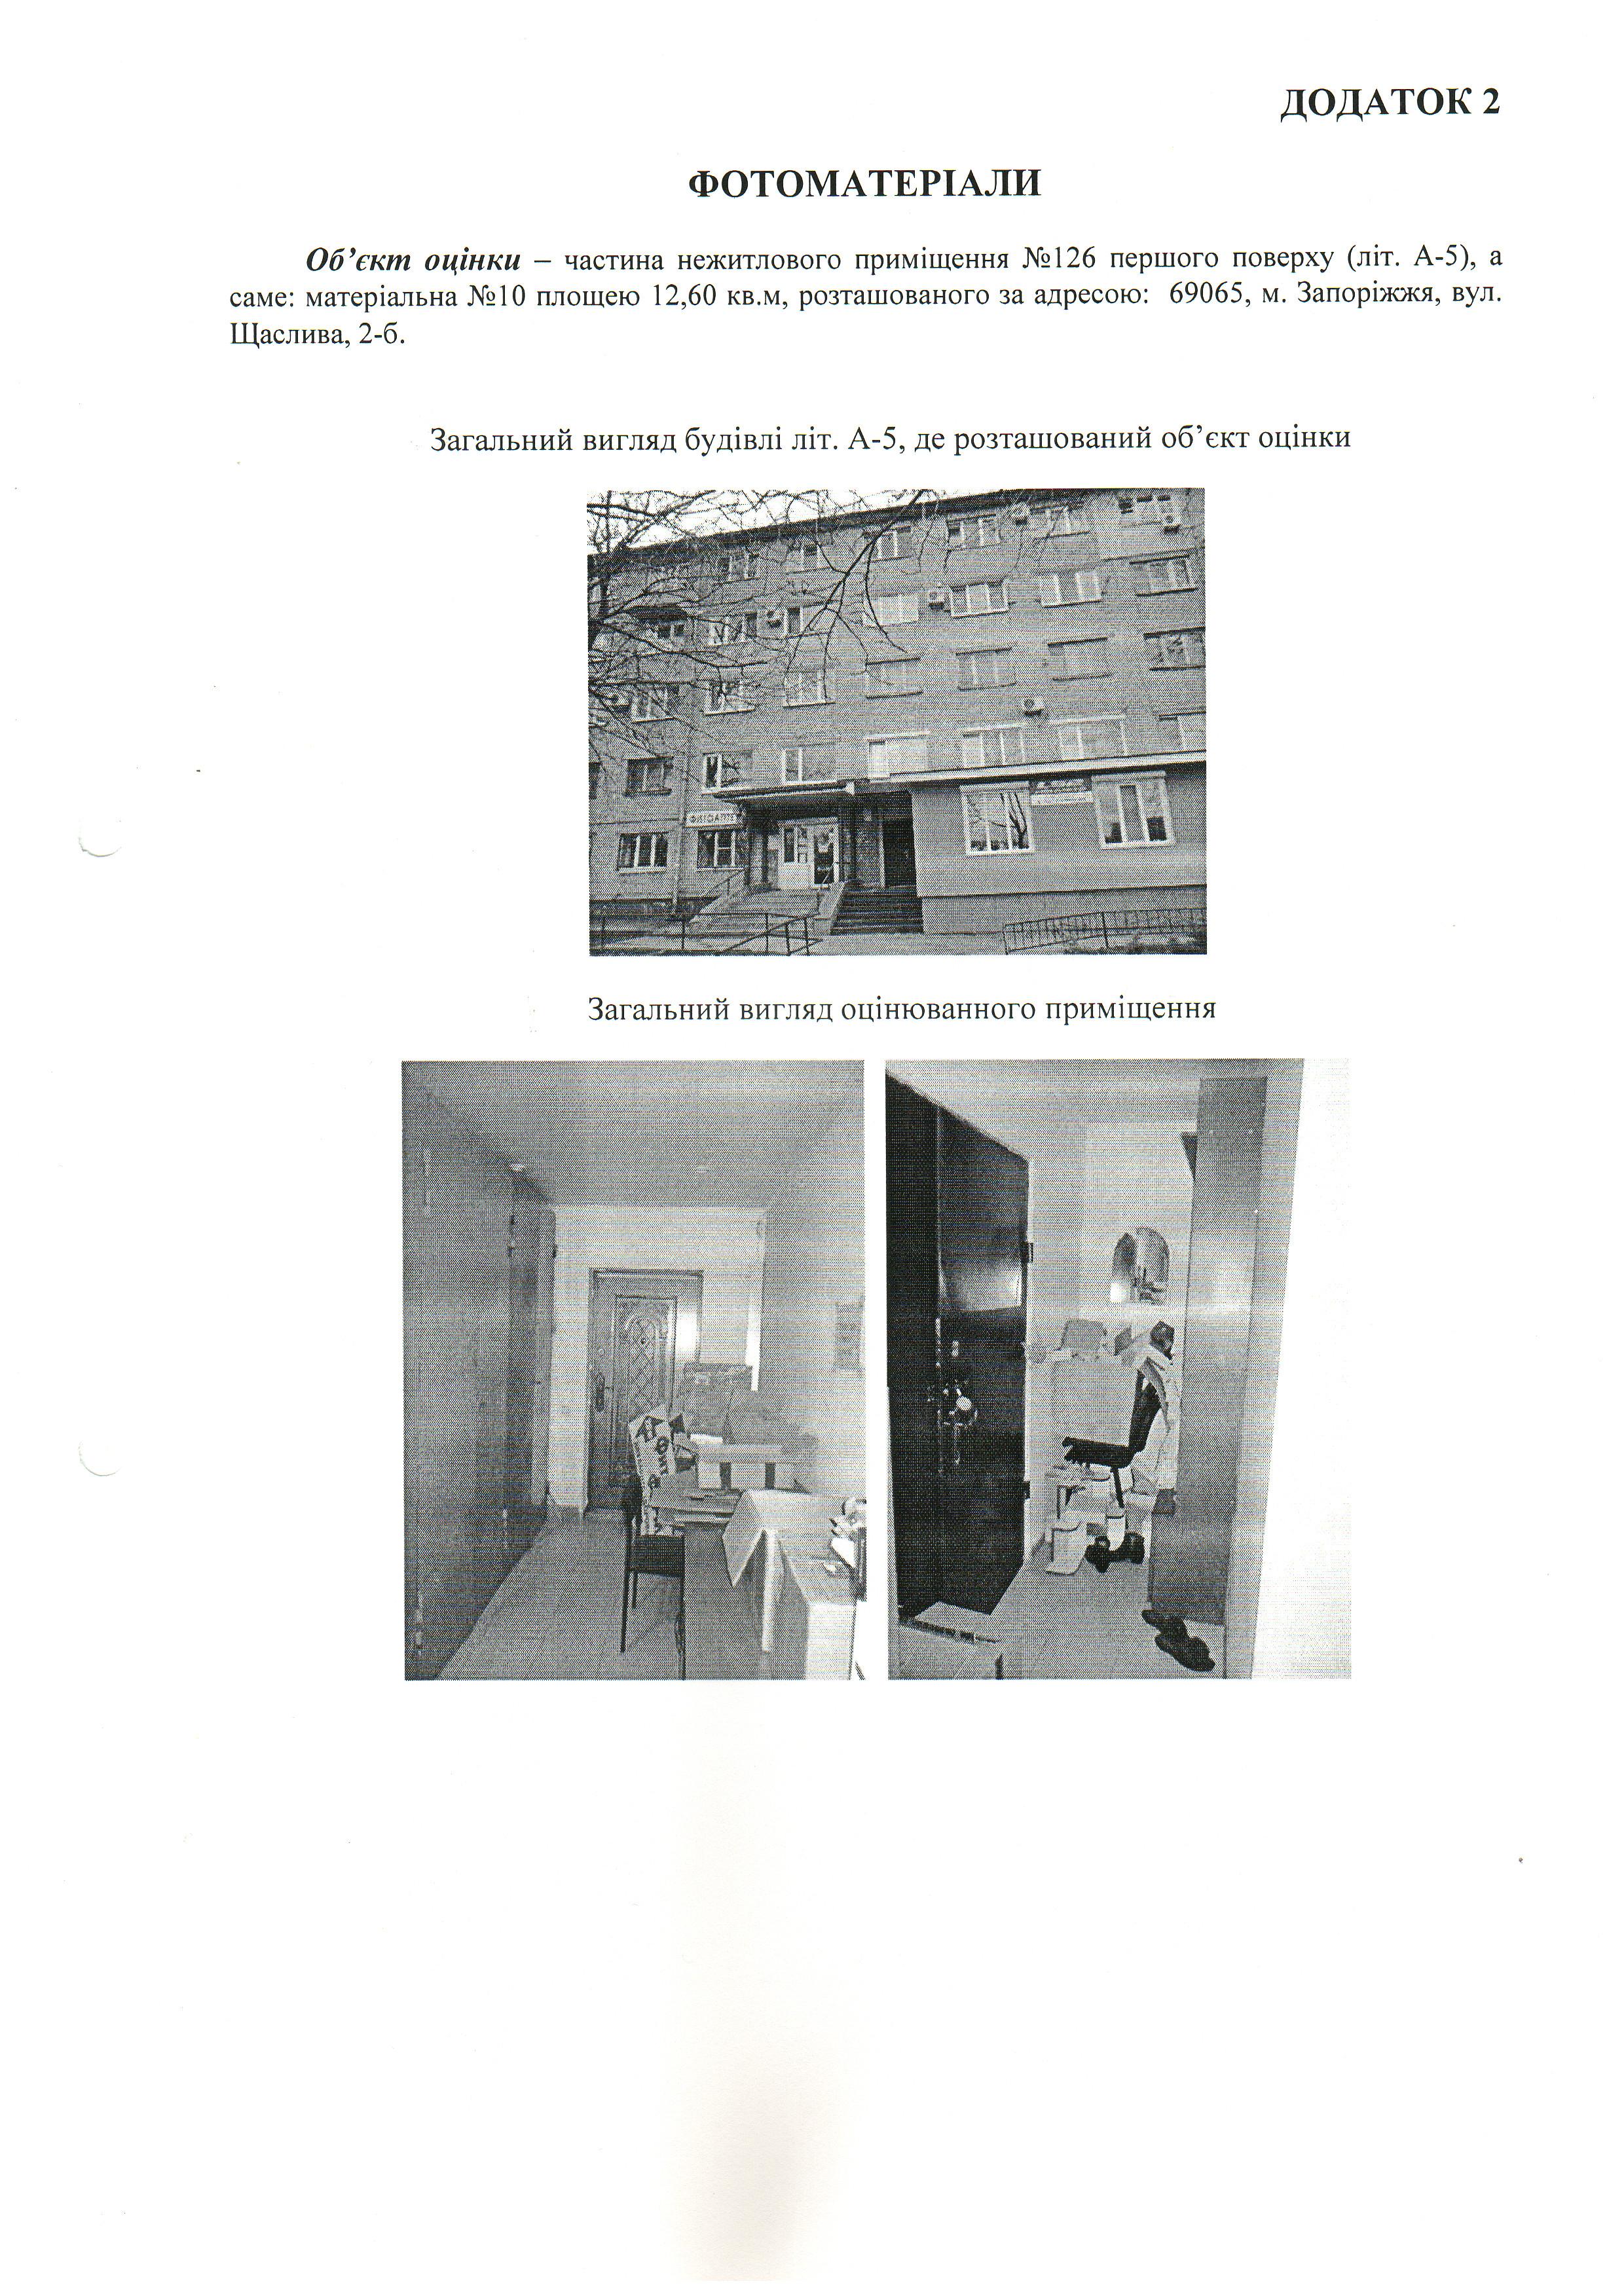 Проведення аукціону на передачу в оренду: частини нежитлового приміщення №126 першого поверху (літ.А-5) площею 12,6 кв.м, а саме матеріальної №10  за адресою: вул. Щаслива,2-б, м.Запоріжжя, 69065